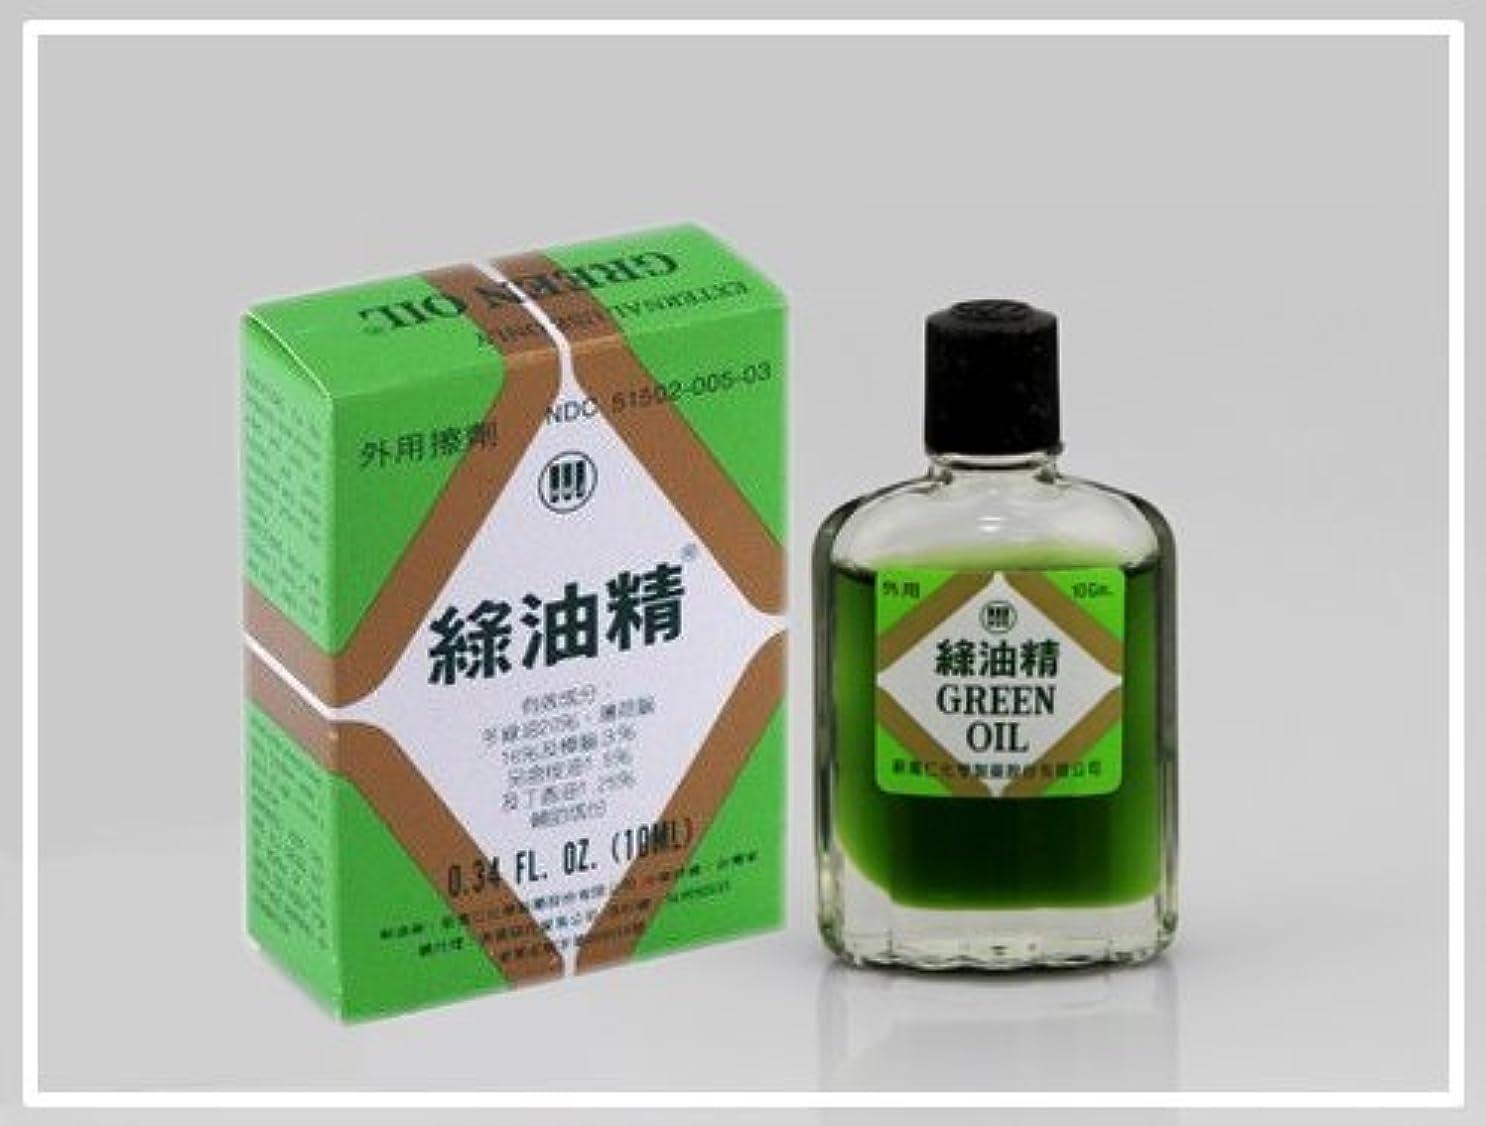 維持管理します解釈的台湾純正版 新萬仁緑油精 グリーンオイル 緑油精 10ml [並行輸入品]